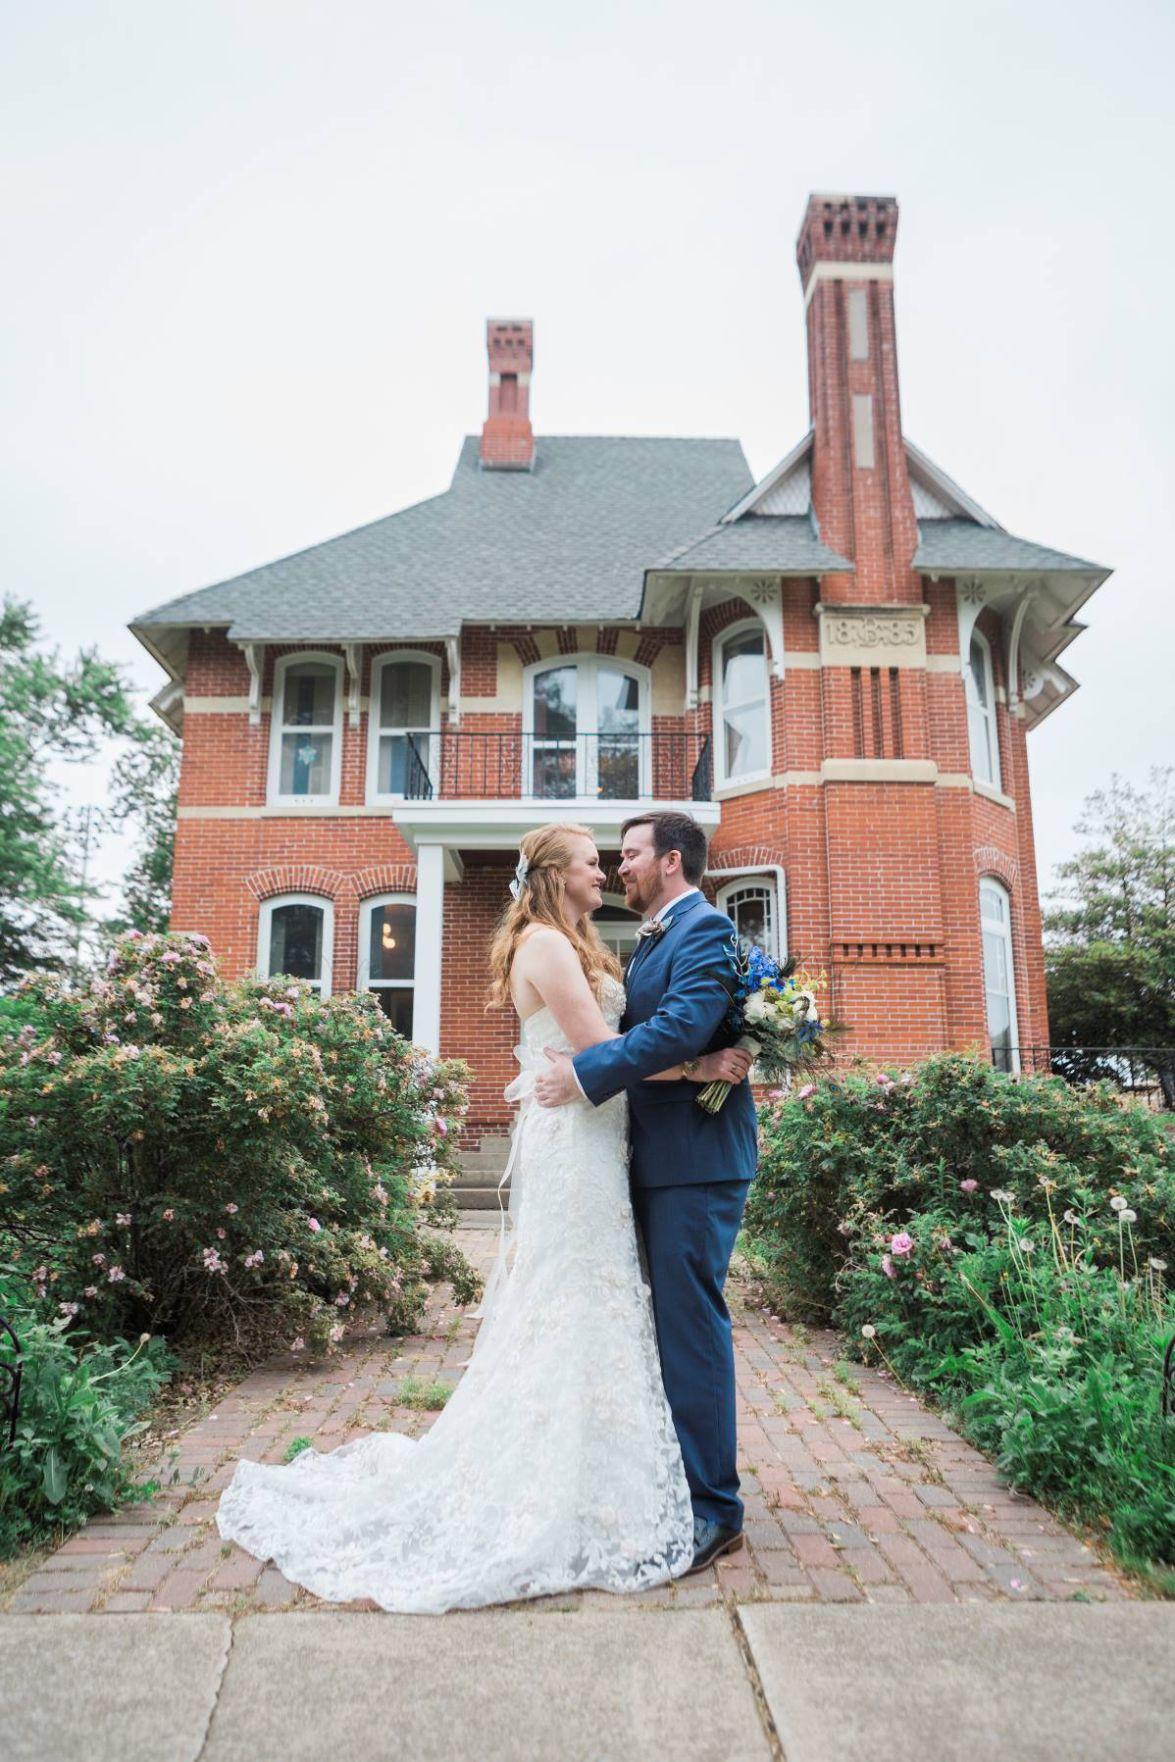 Susan Swarner and Ben Blohm marry